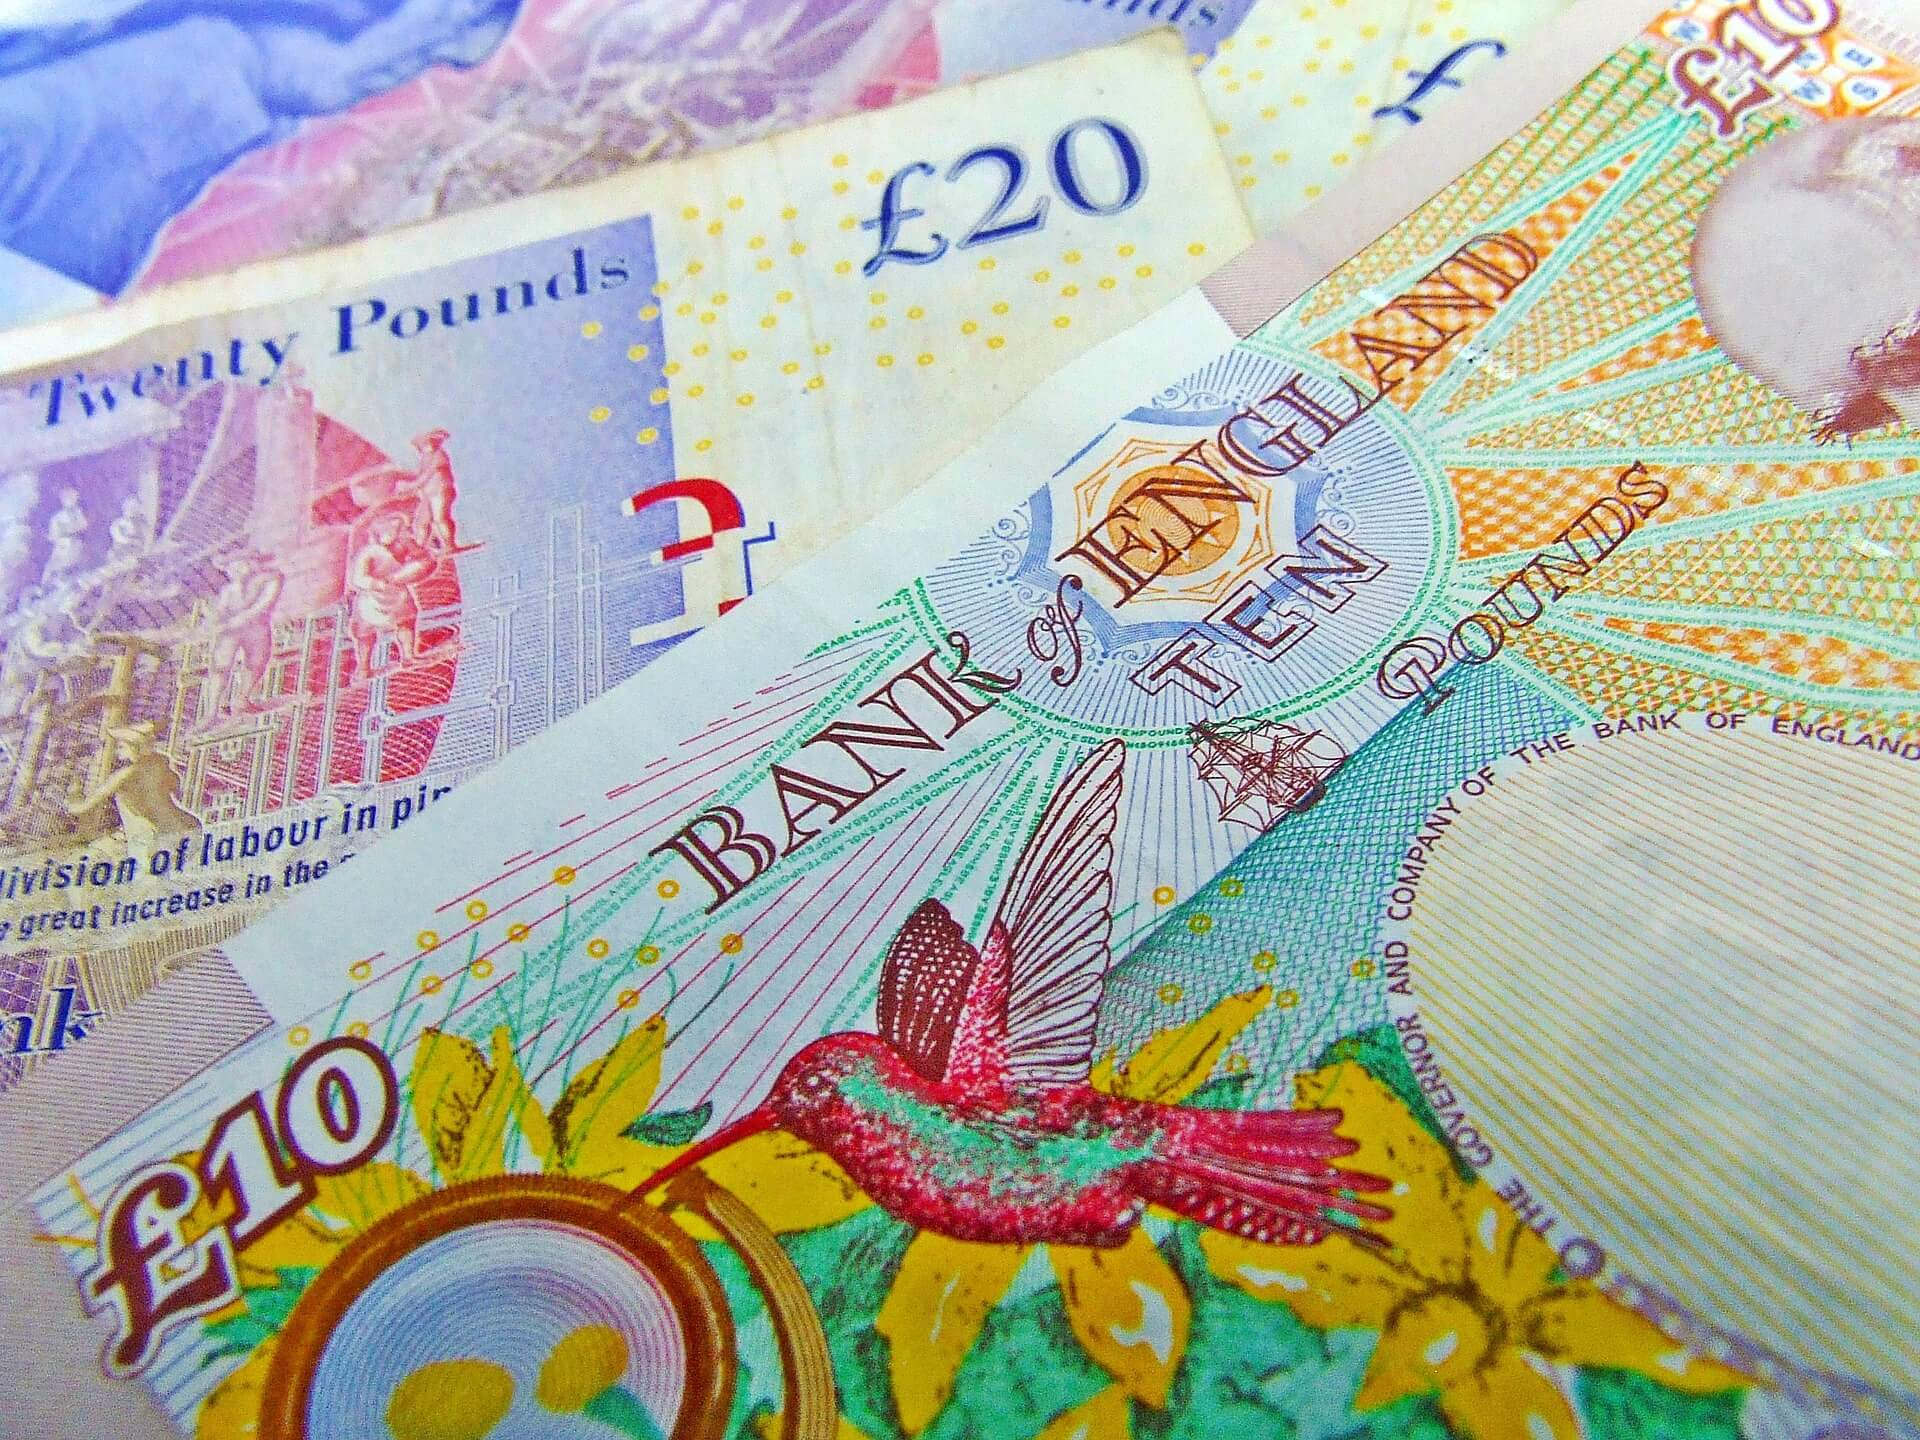 English bank notes represent discounts given to dis loyal customers